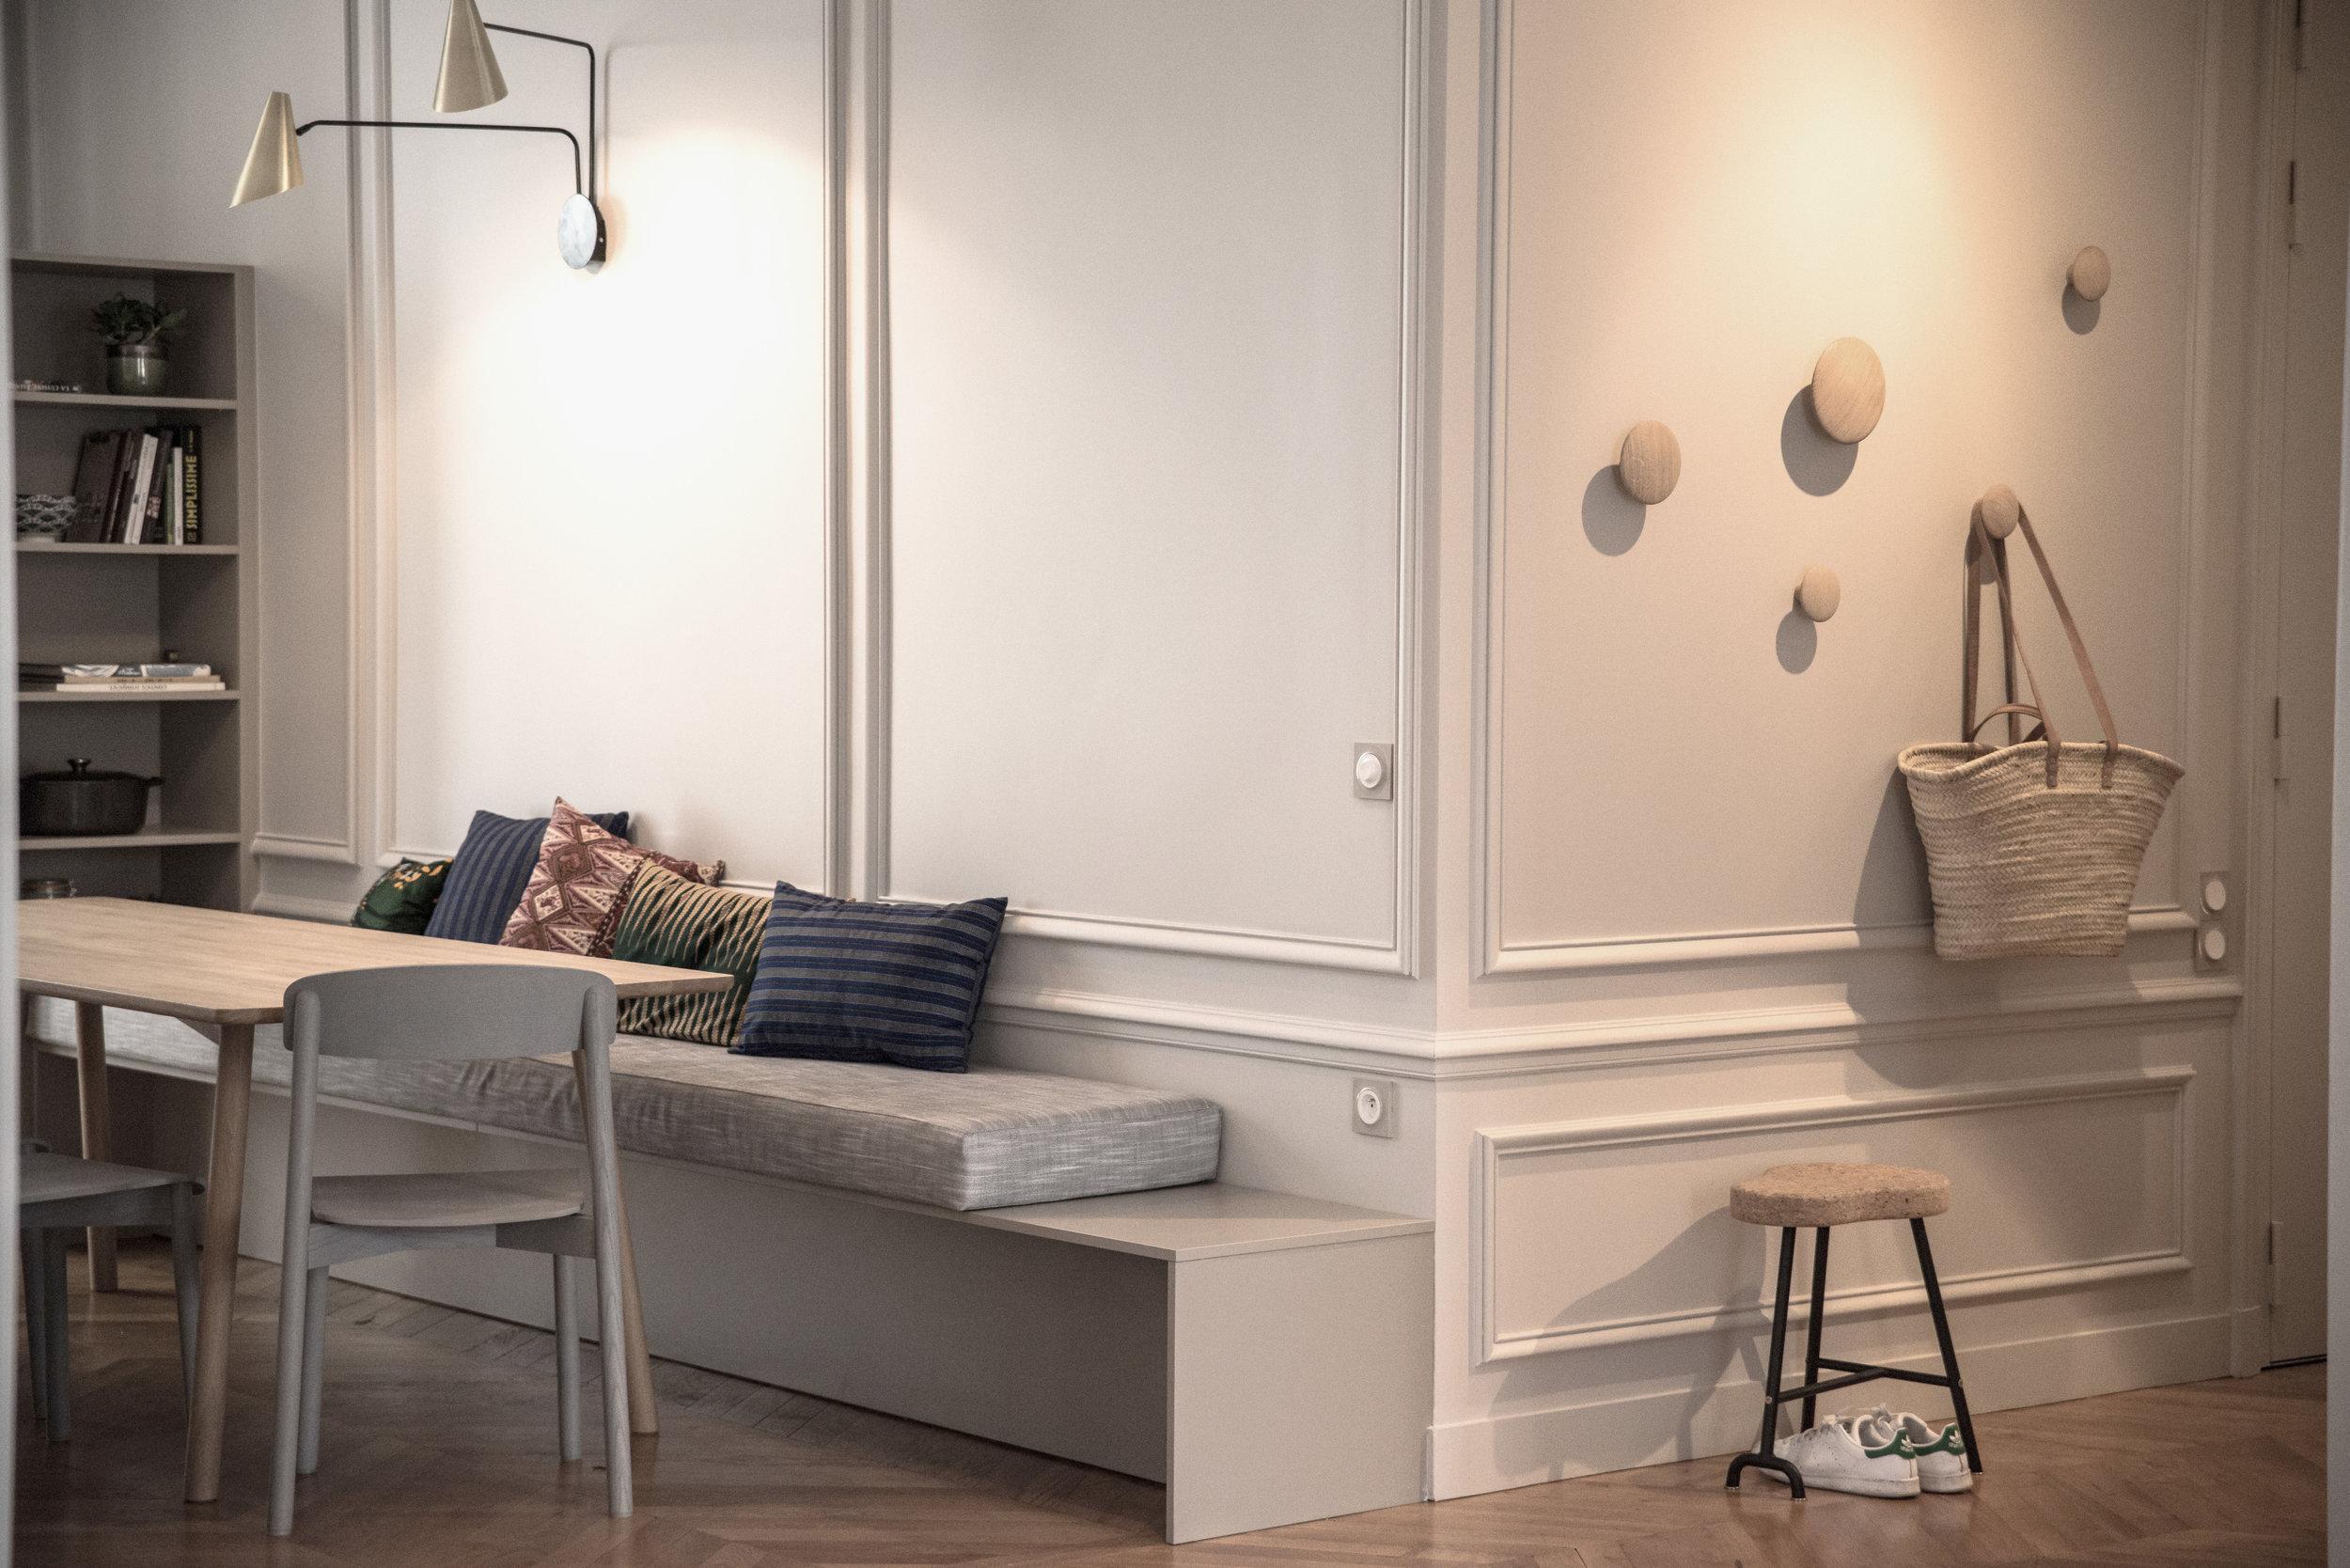 Chairwood & Terre Grise - Agence d'architecture d'intérieur, depuis 10 ans, les teintes, les matières, les volumes et les lumières ornent l'amitié de Manon et Amélie.